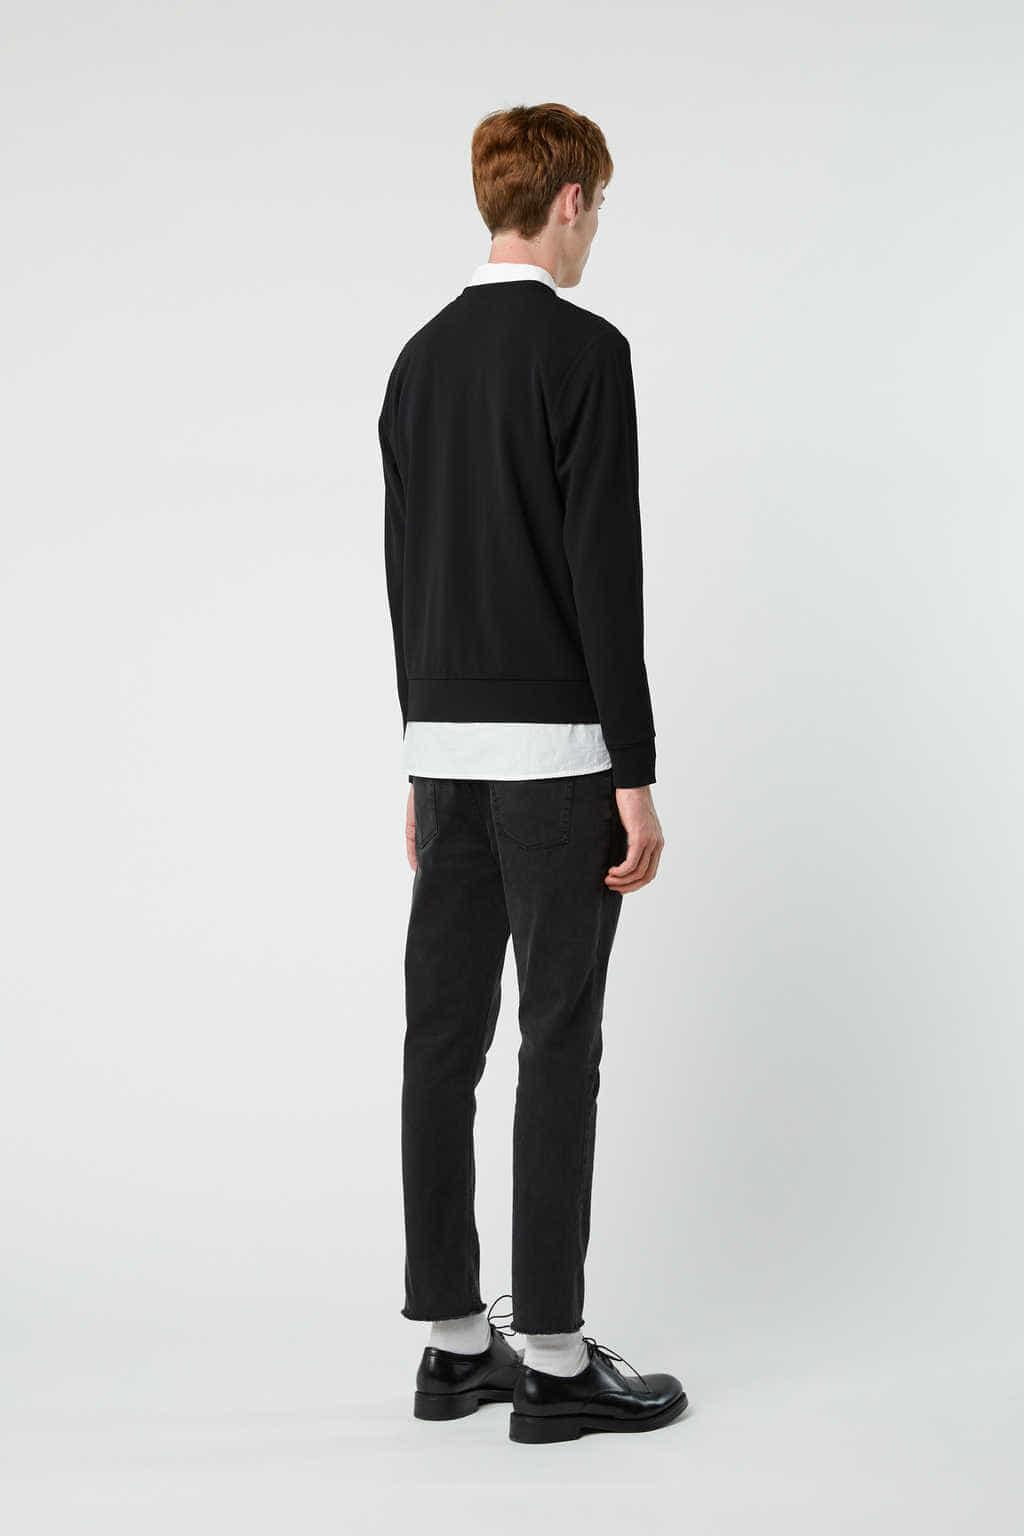 TShirt 2654 Black 14